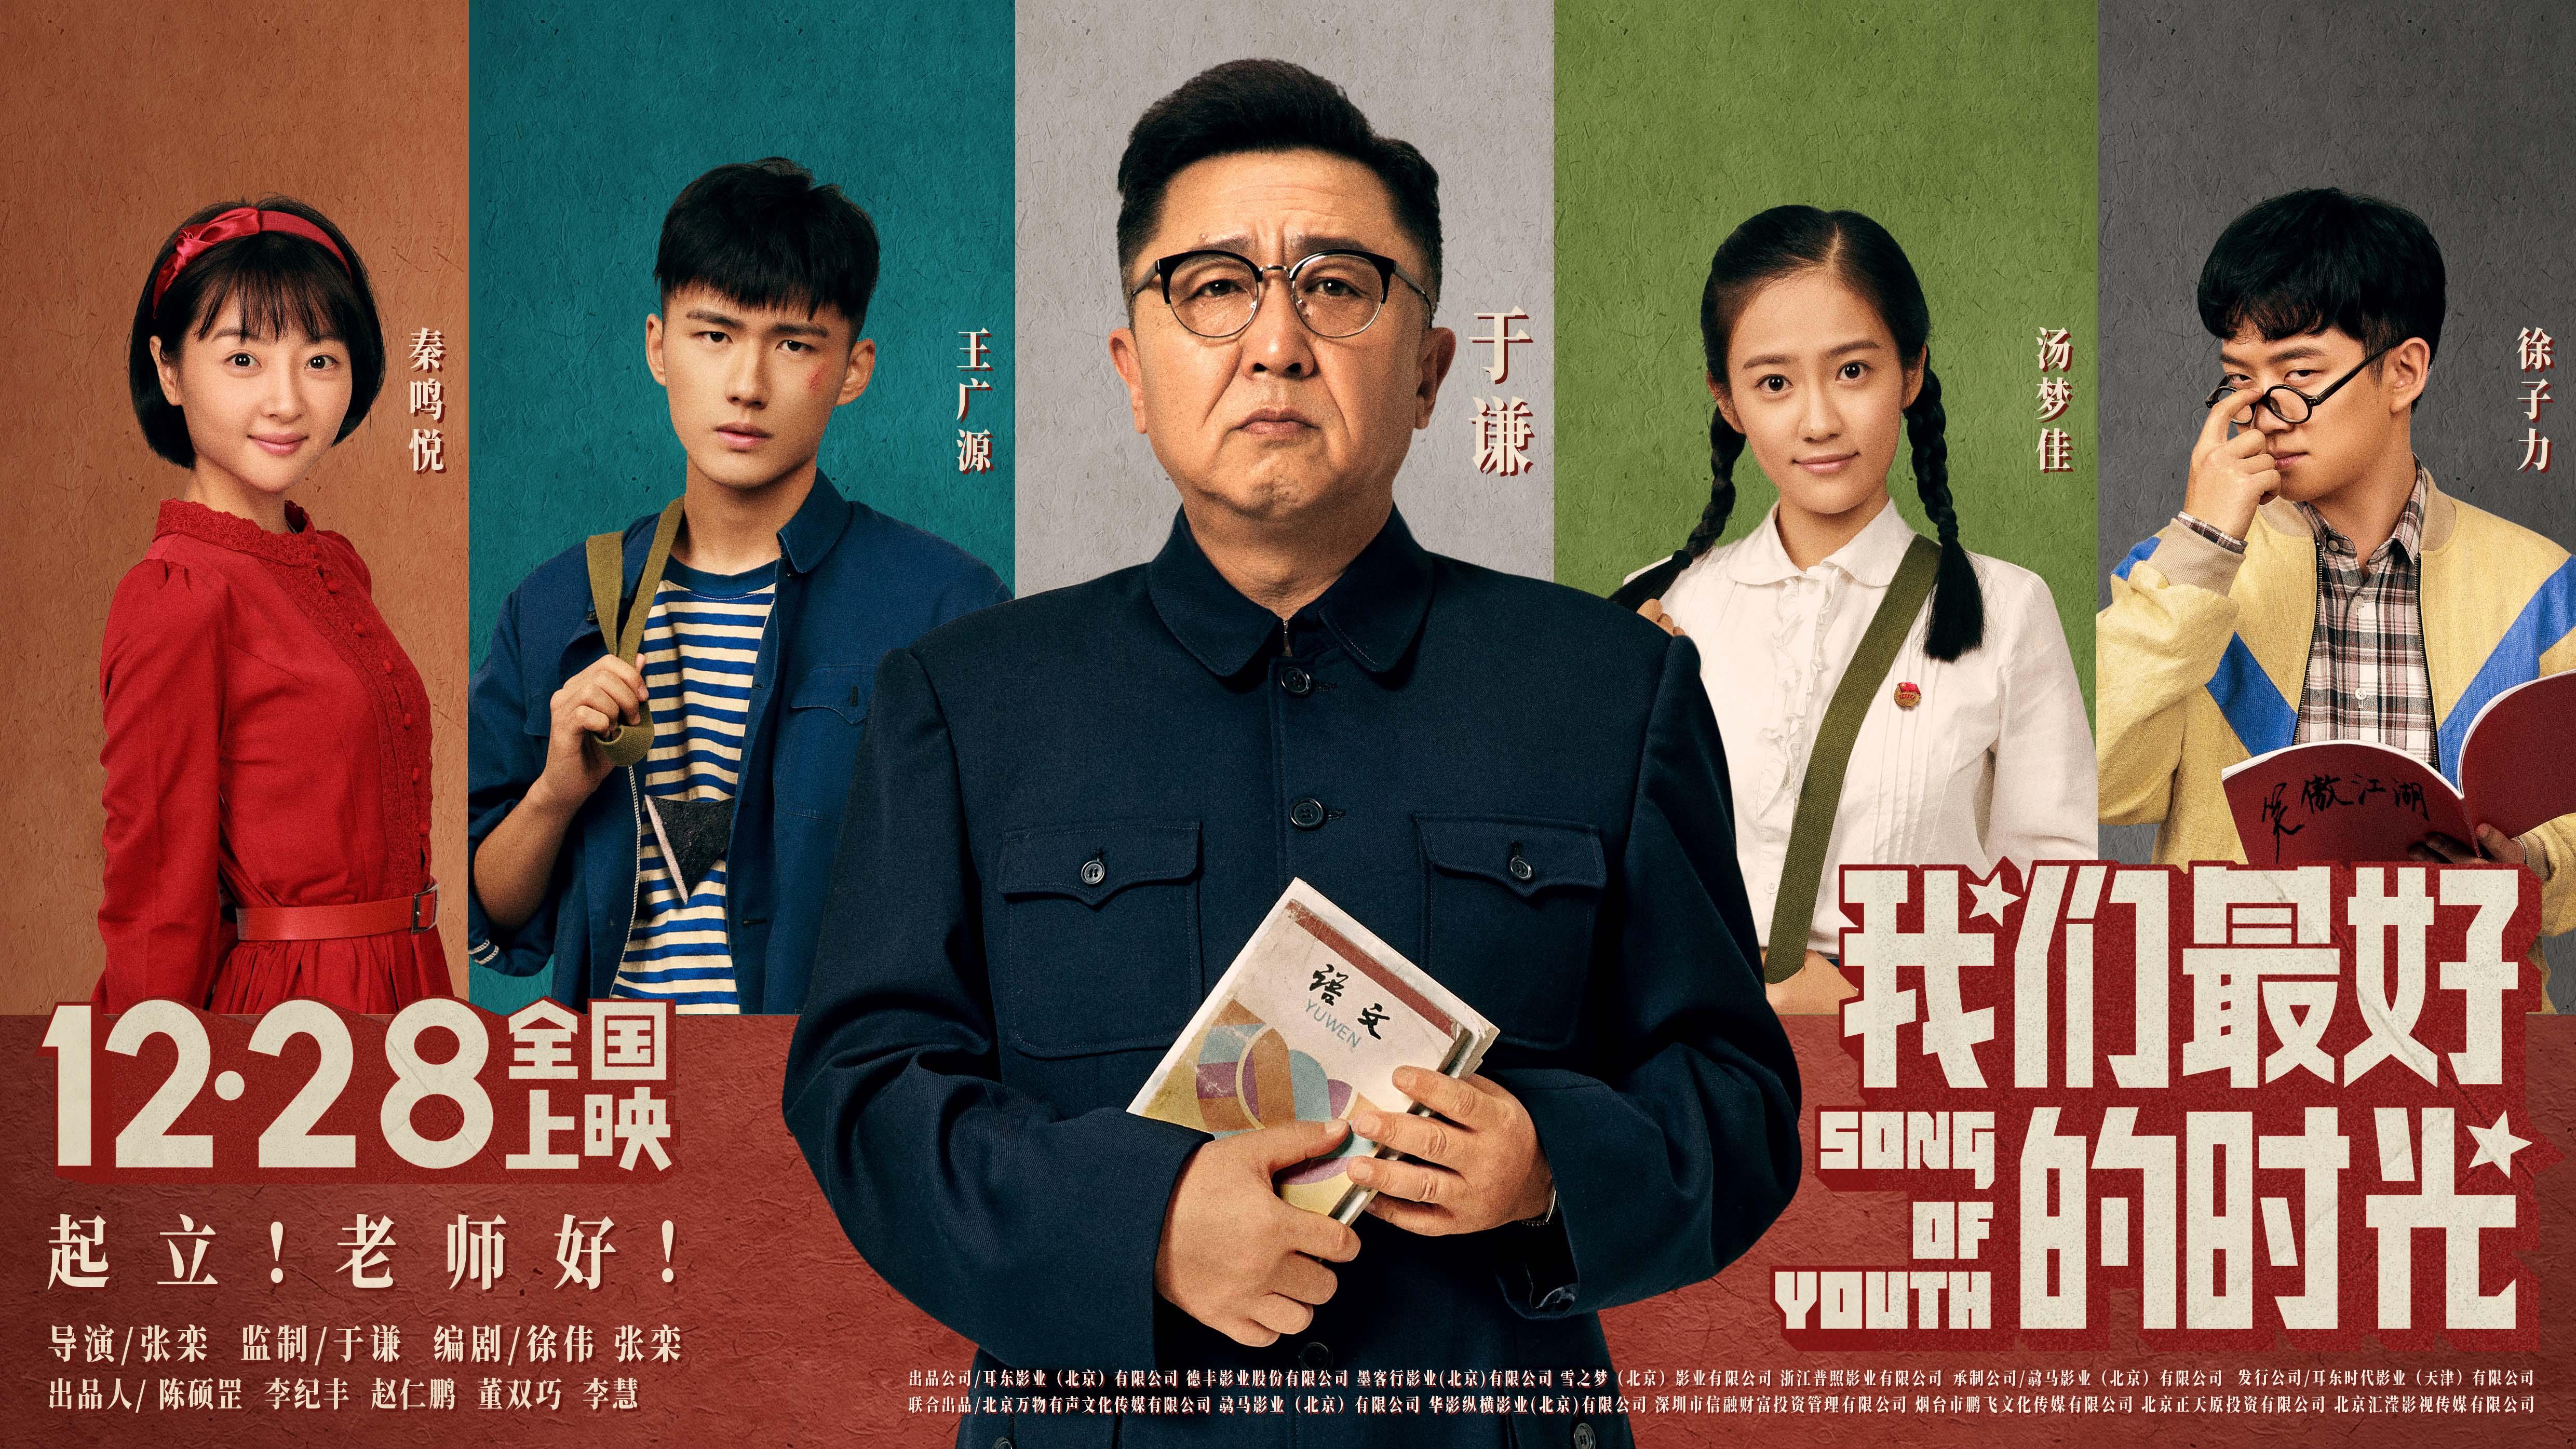 """《我们最好的时光》定档12月28日 于谦画风突变成""""恶霸""""老师"""